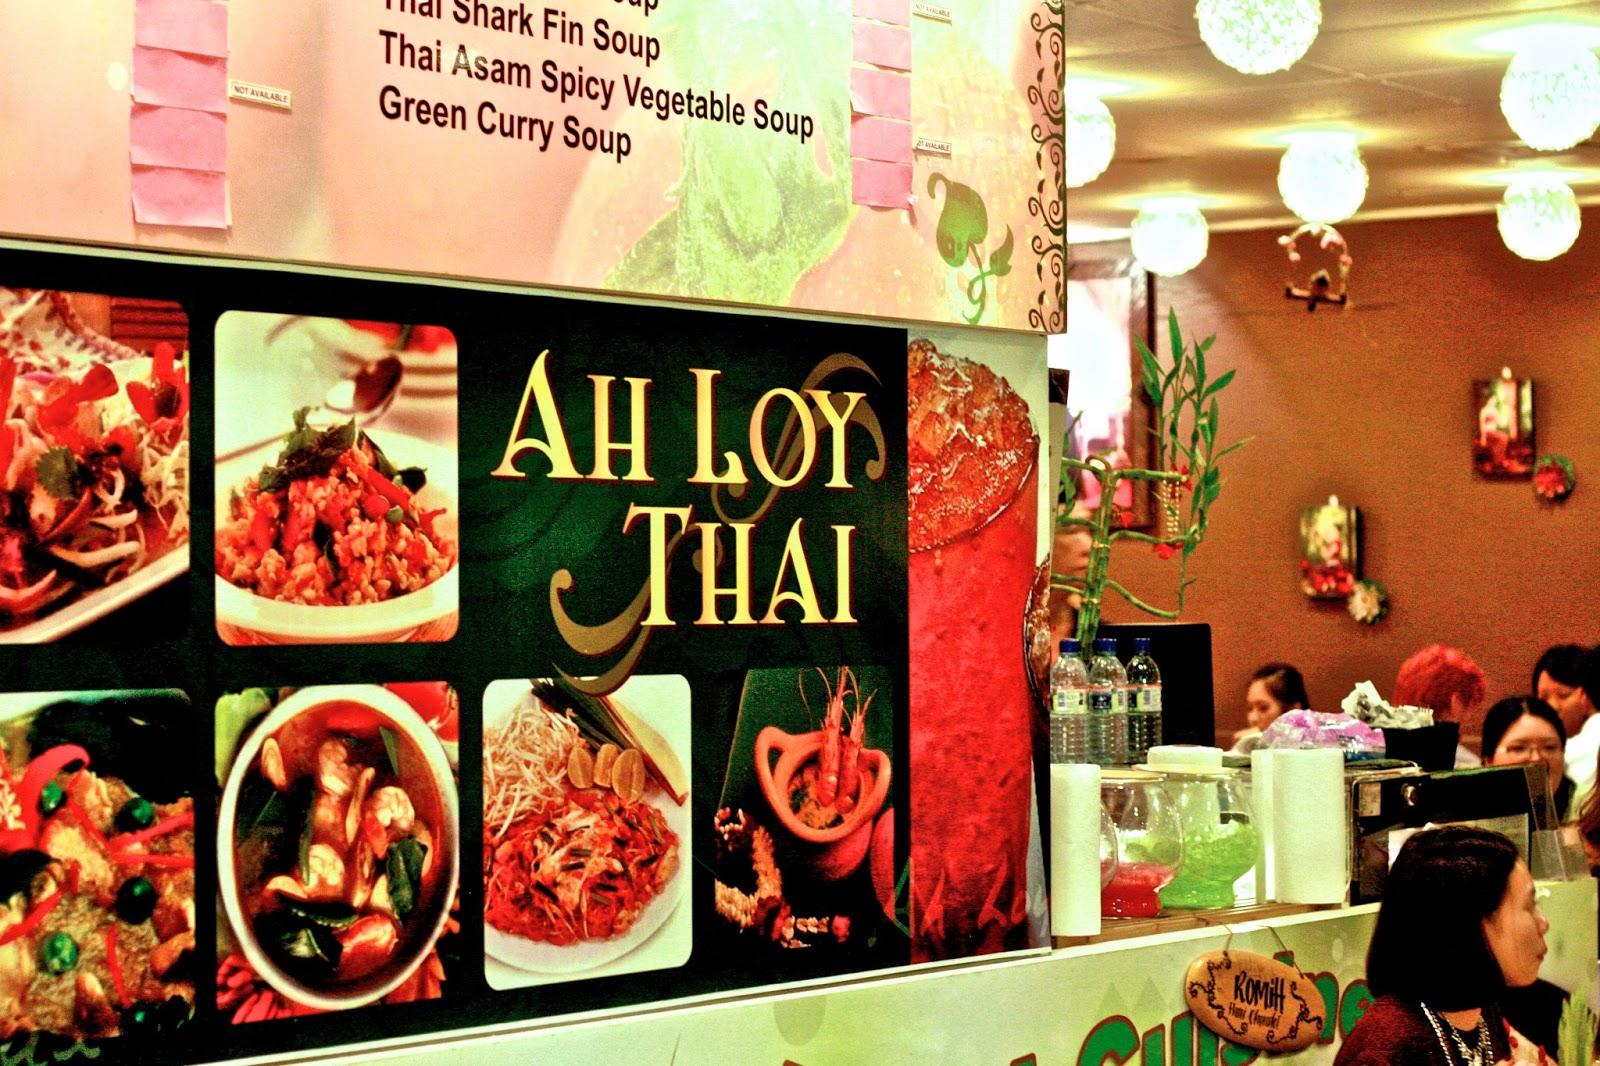 Ah Loy Thai Food